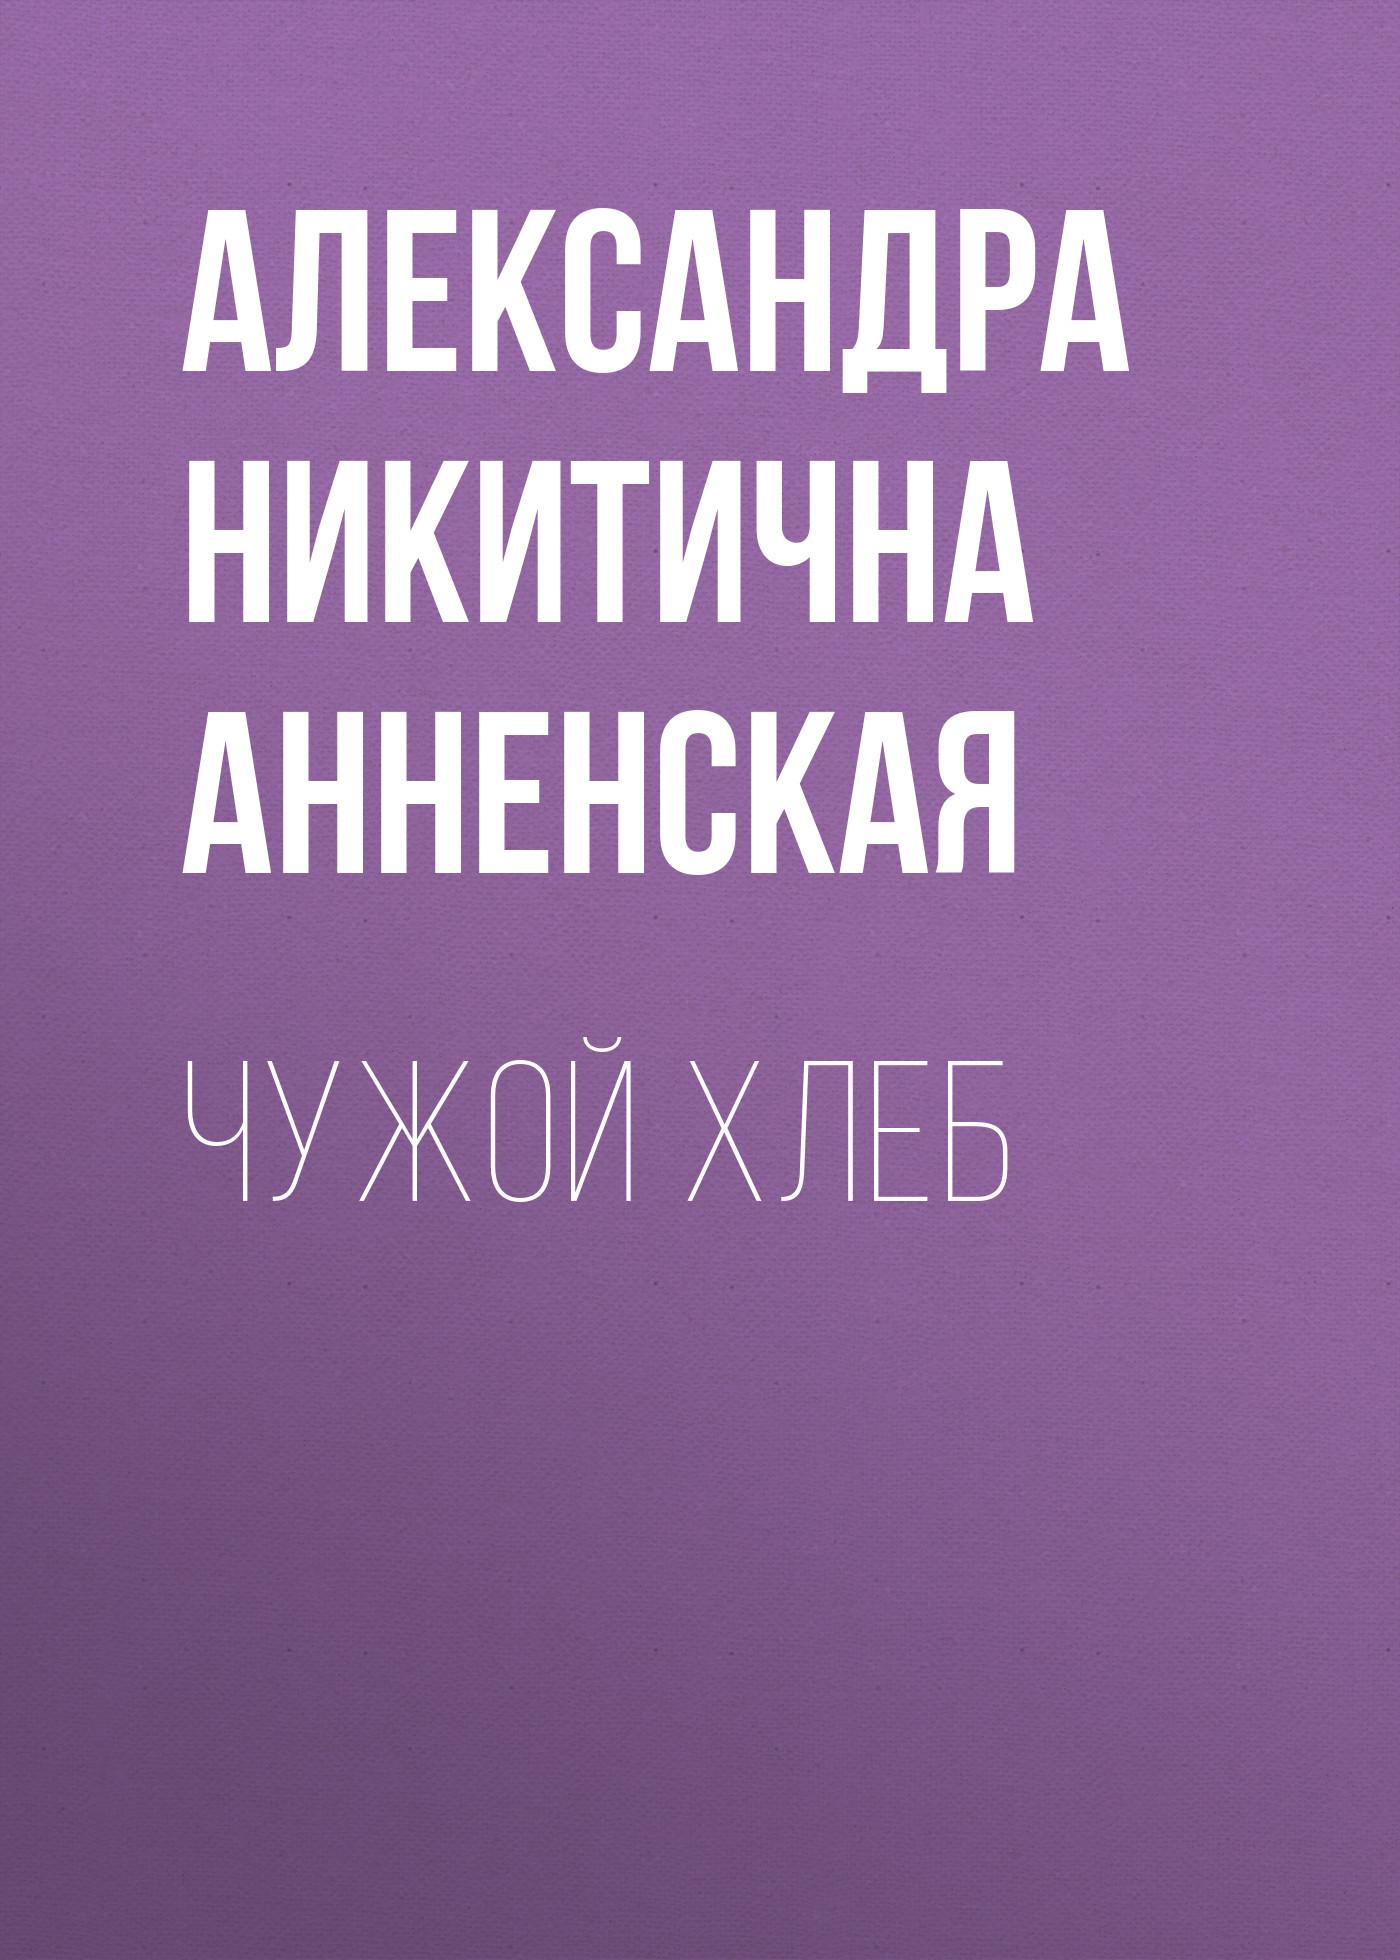 Александра Никитична Анненская Чужой хлеб александра никитична анненская волчонок сборник